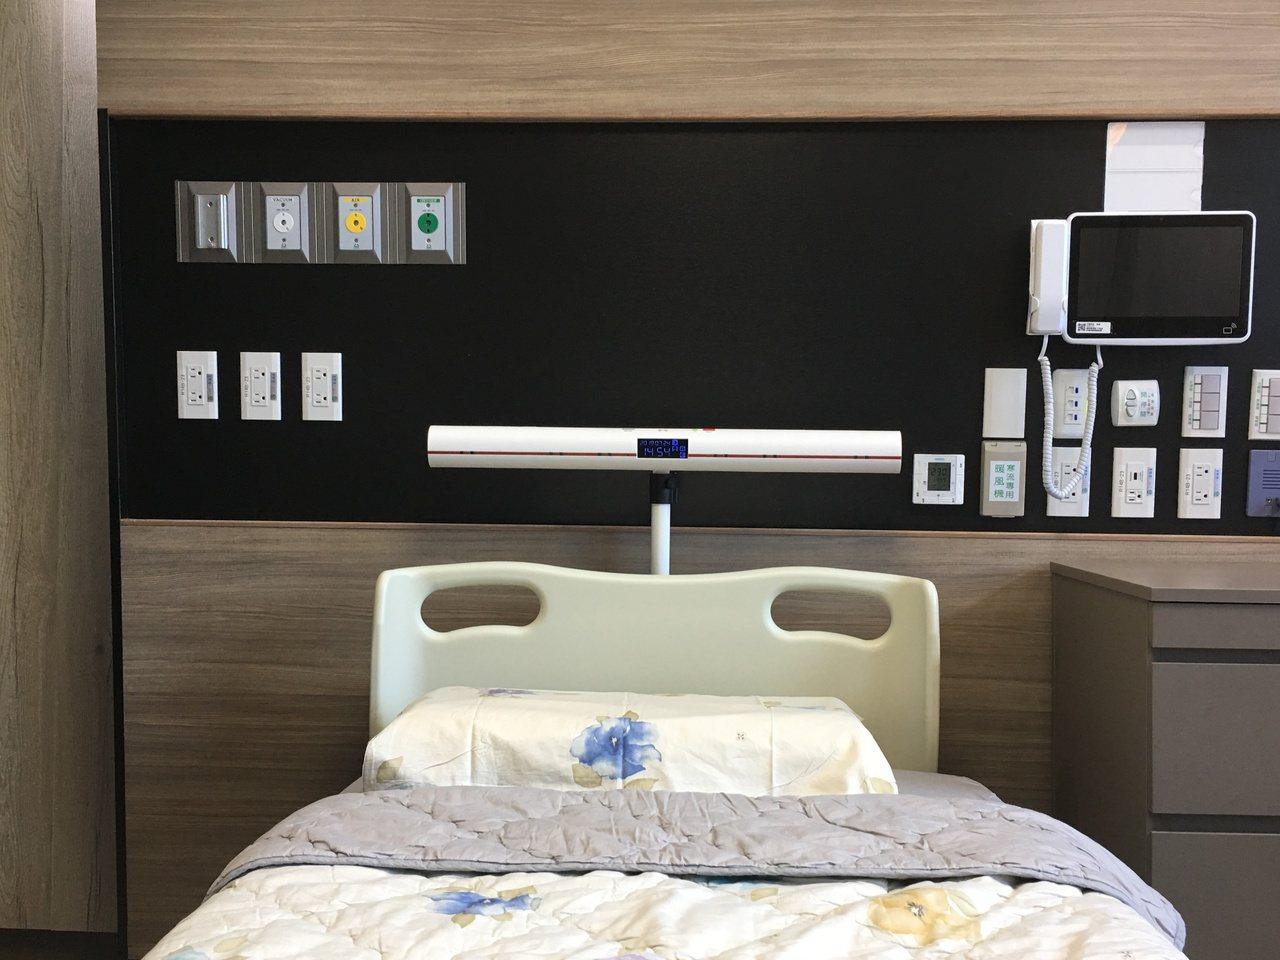 弘光科大老師和彰基合作,研發出離床警示系統,防止病患跌倒。記者游振昇/攝影